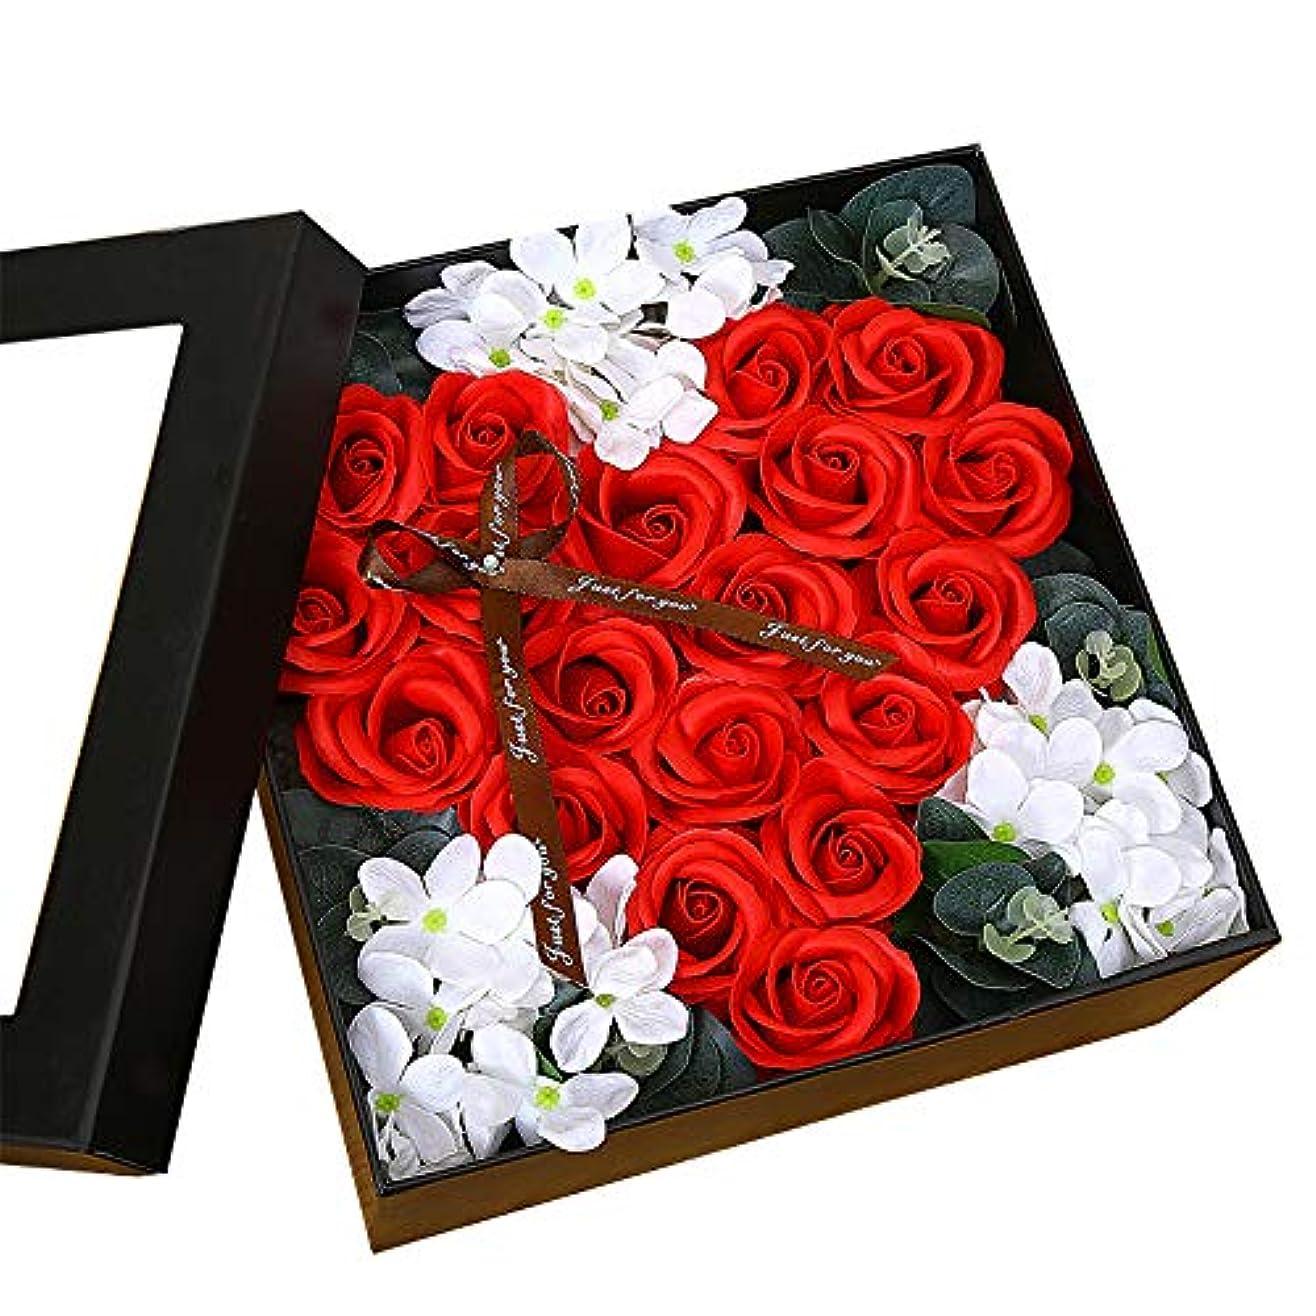 赤ヒステリック更新生地と花石鹸の花 ギフトソープフラワーローズフラワーバレンタインデーのために不可欠ガールフレンド記念日誕生日母の日 (色 : Red square box)